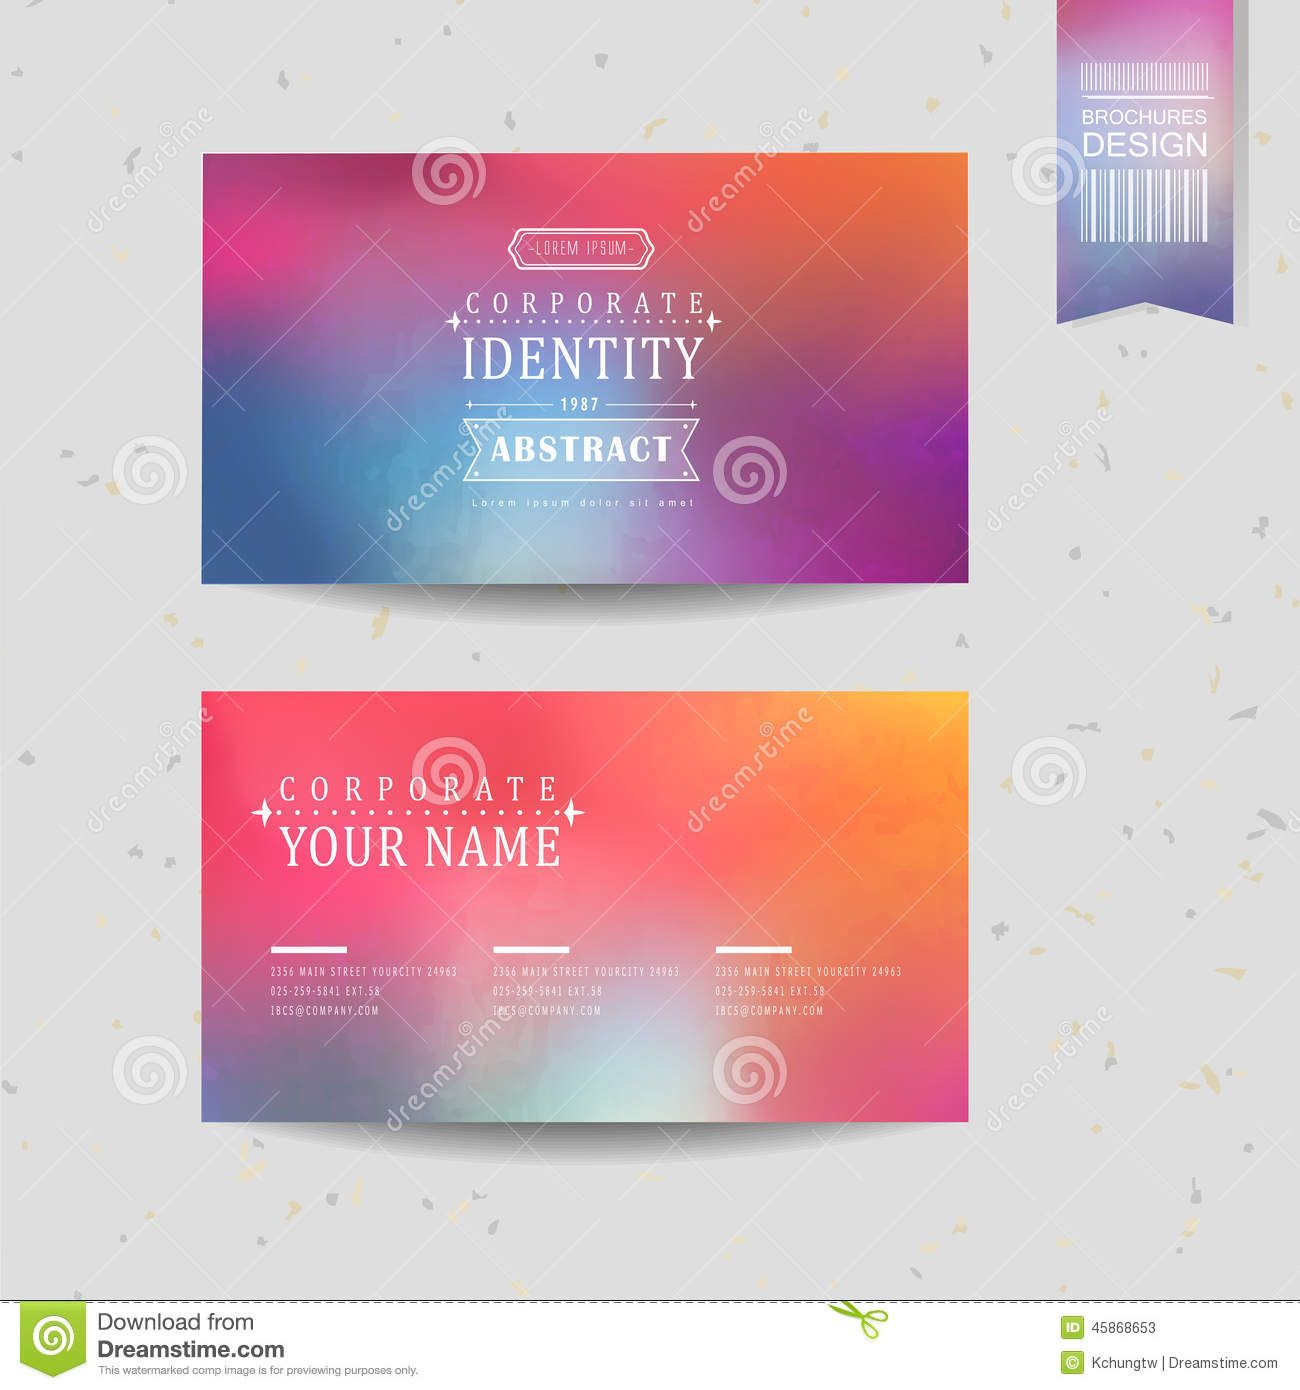 Conception Colore Douce De Fond Pour La Carte Visite Professionnelle Illustration Vecteur